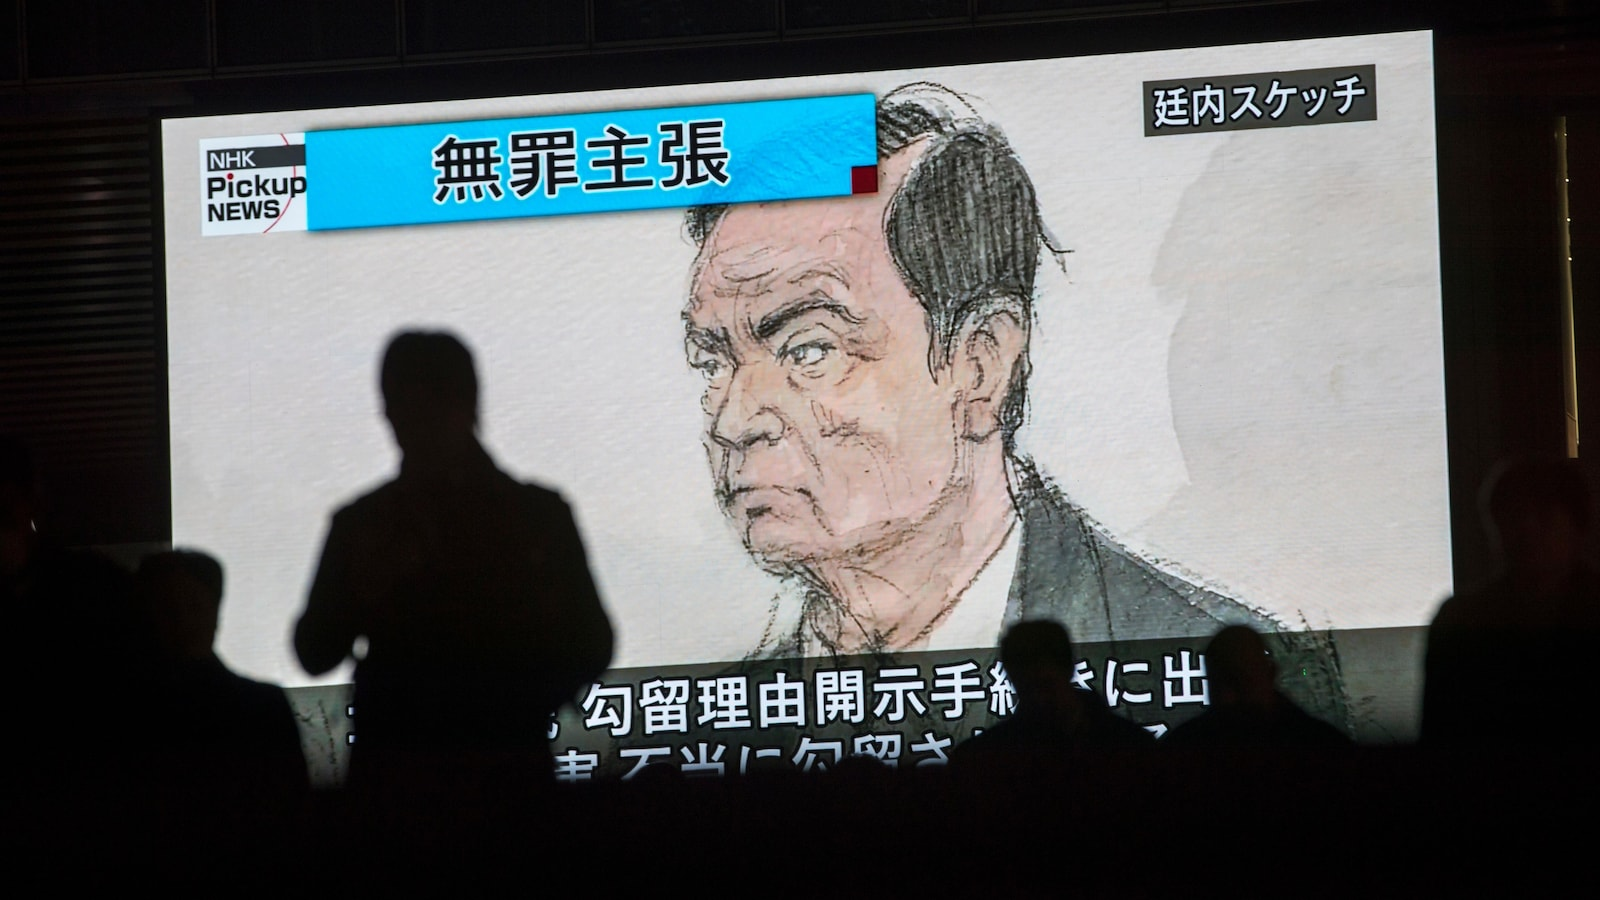 Des passants devant un écran télé sur lequel on peut voir une caricature de Carlos Ghosn lors de son audition par la justice japonaise.